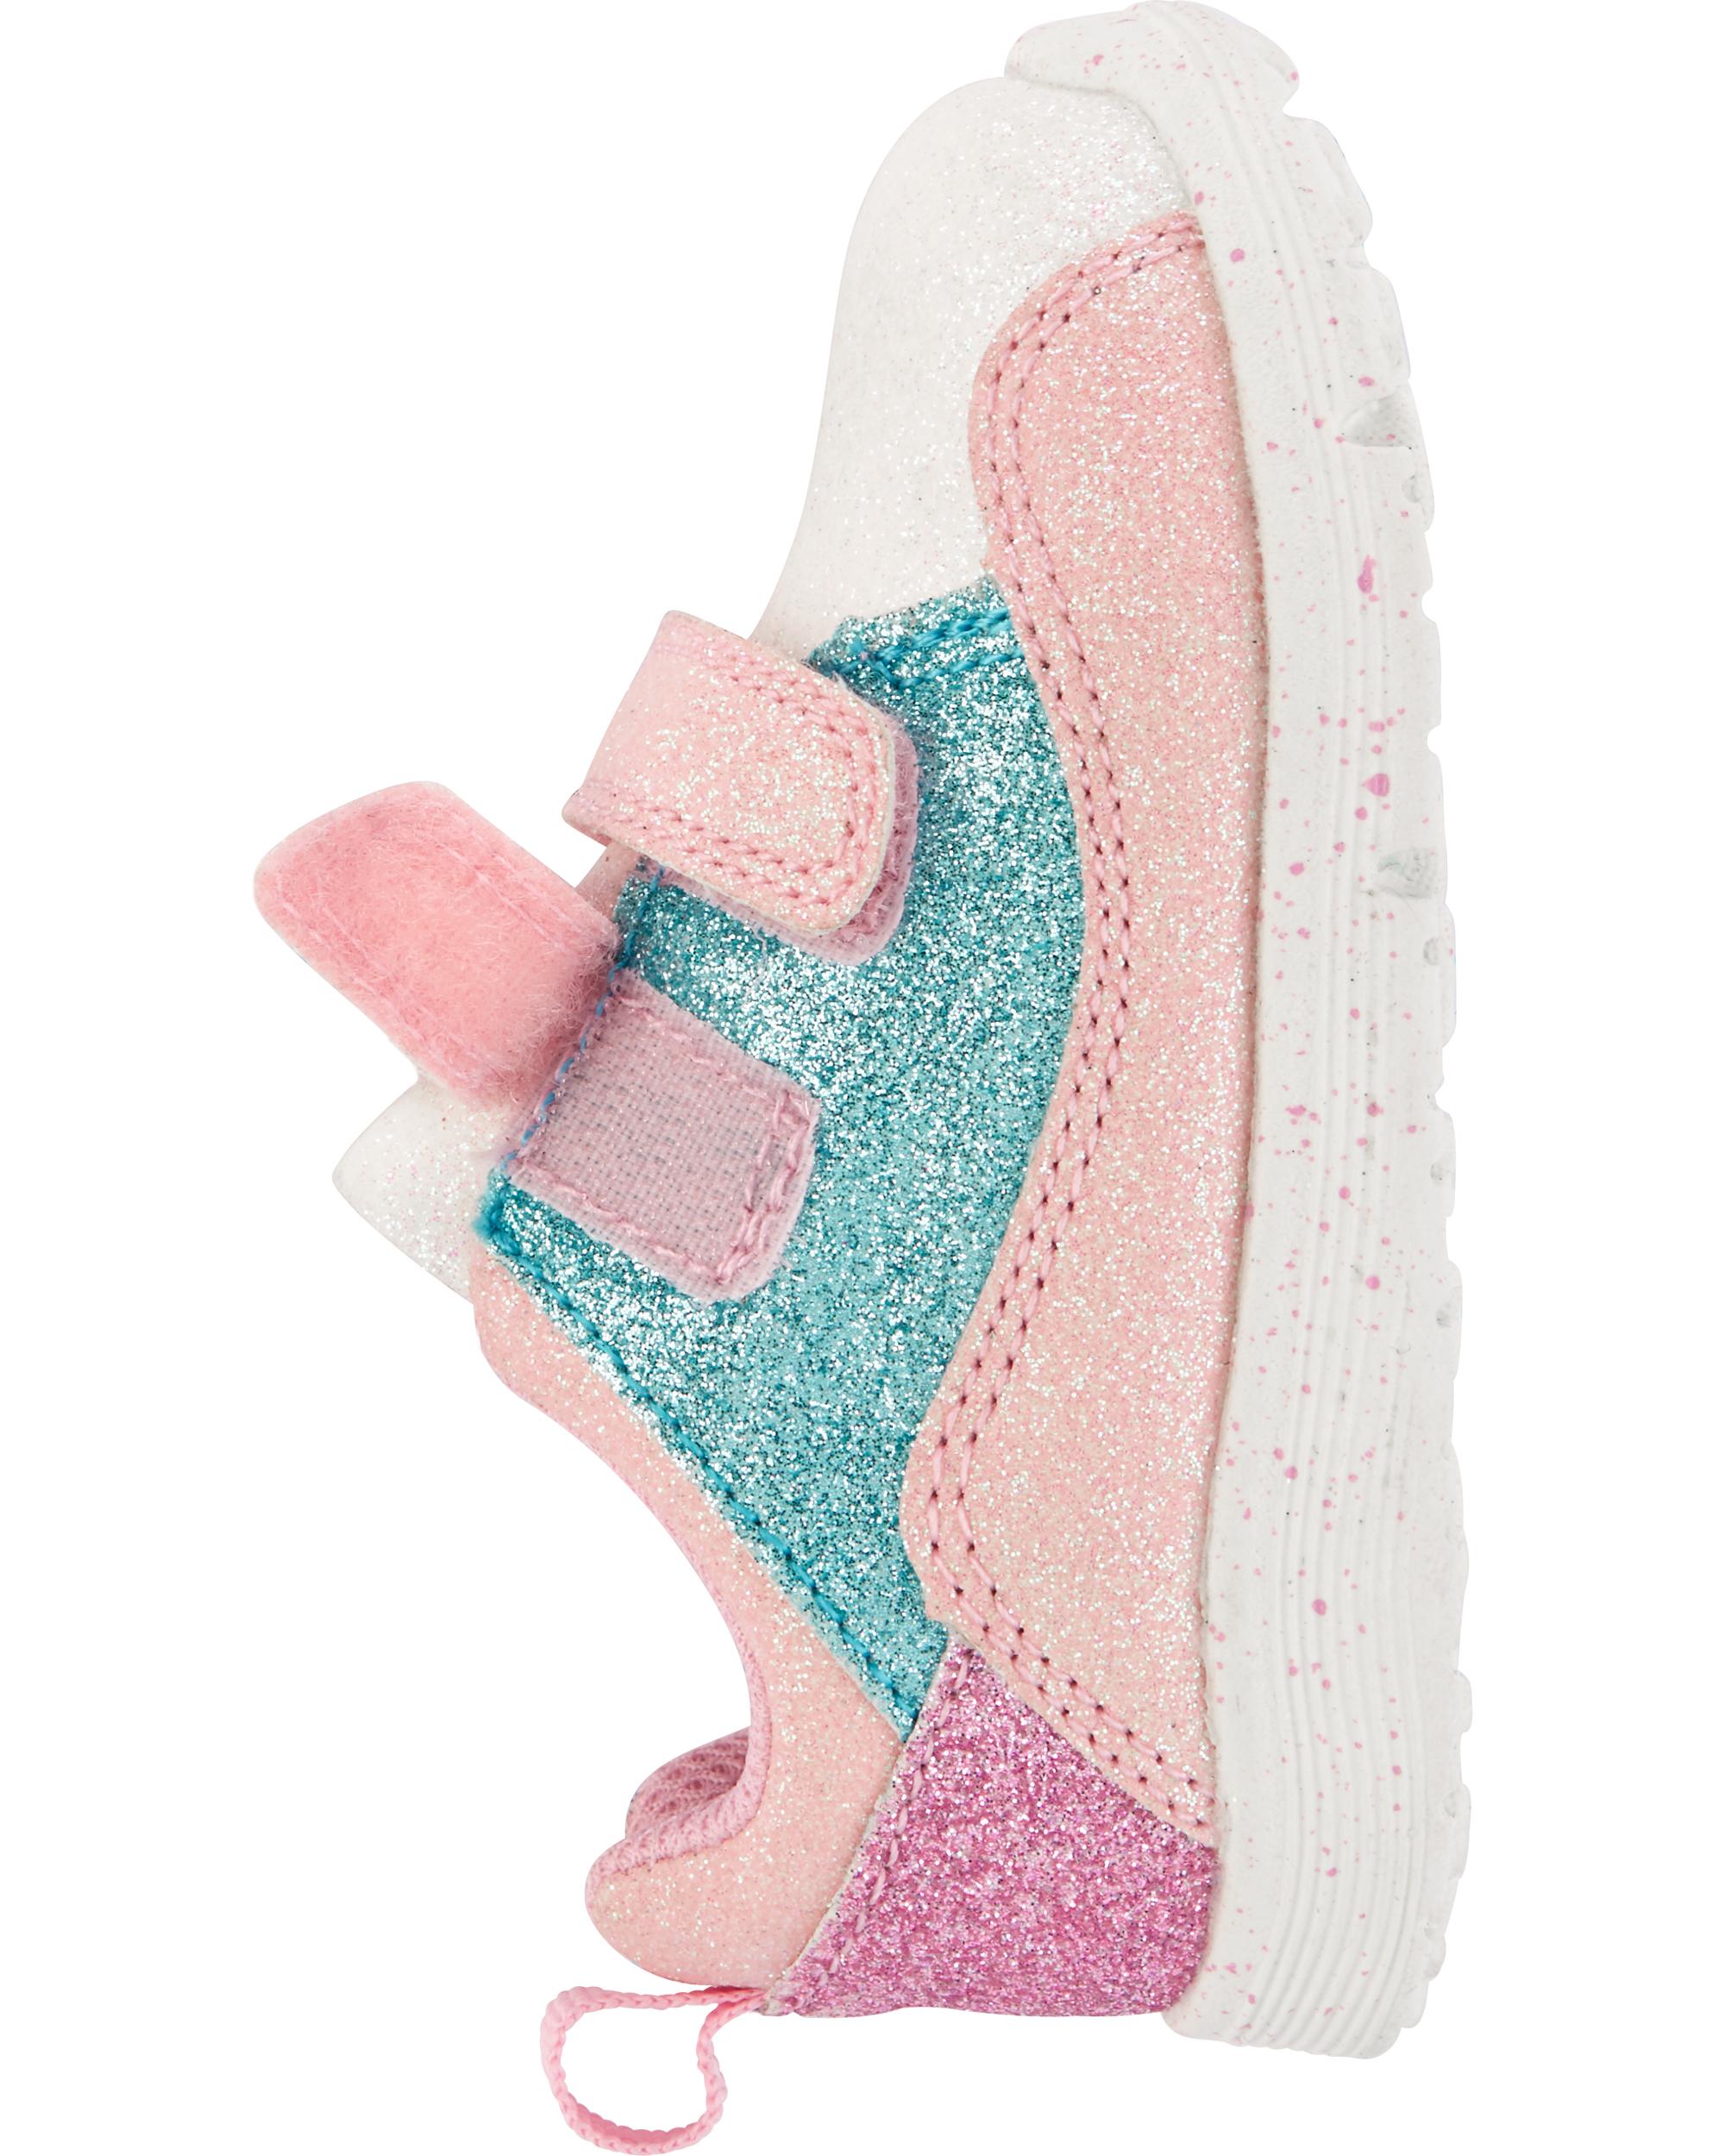 נעלי EVERY STEP סניקרס צבעוניות